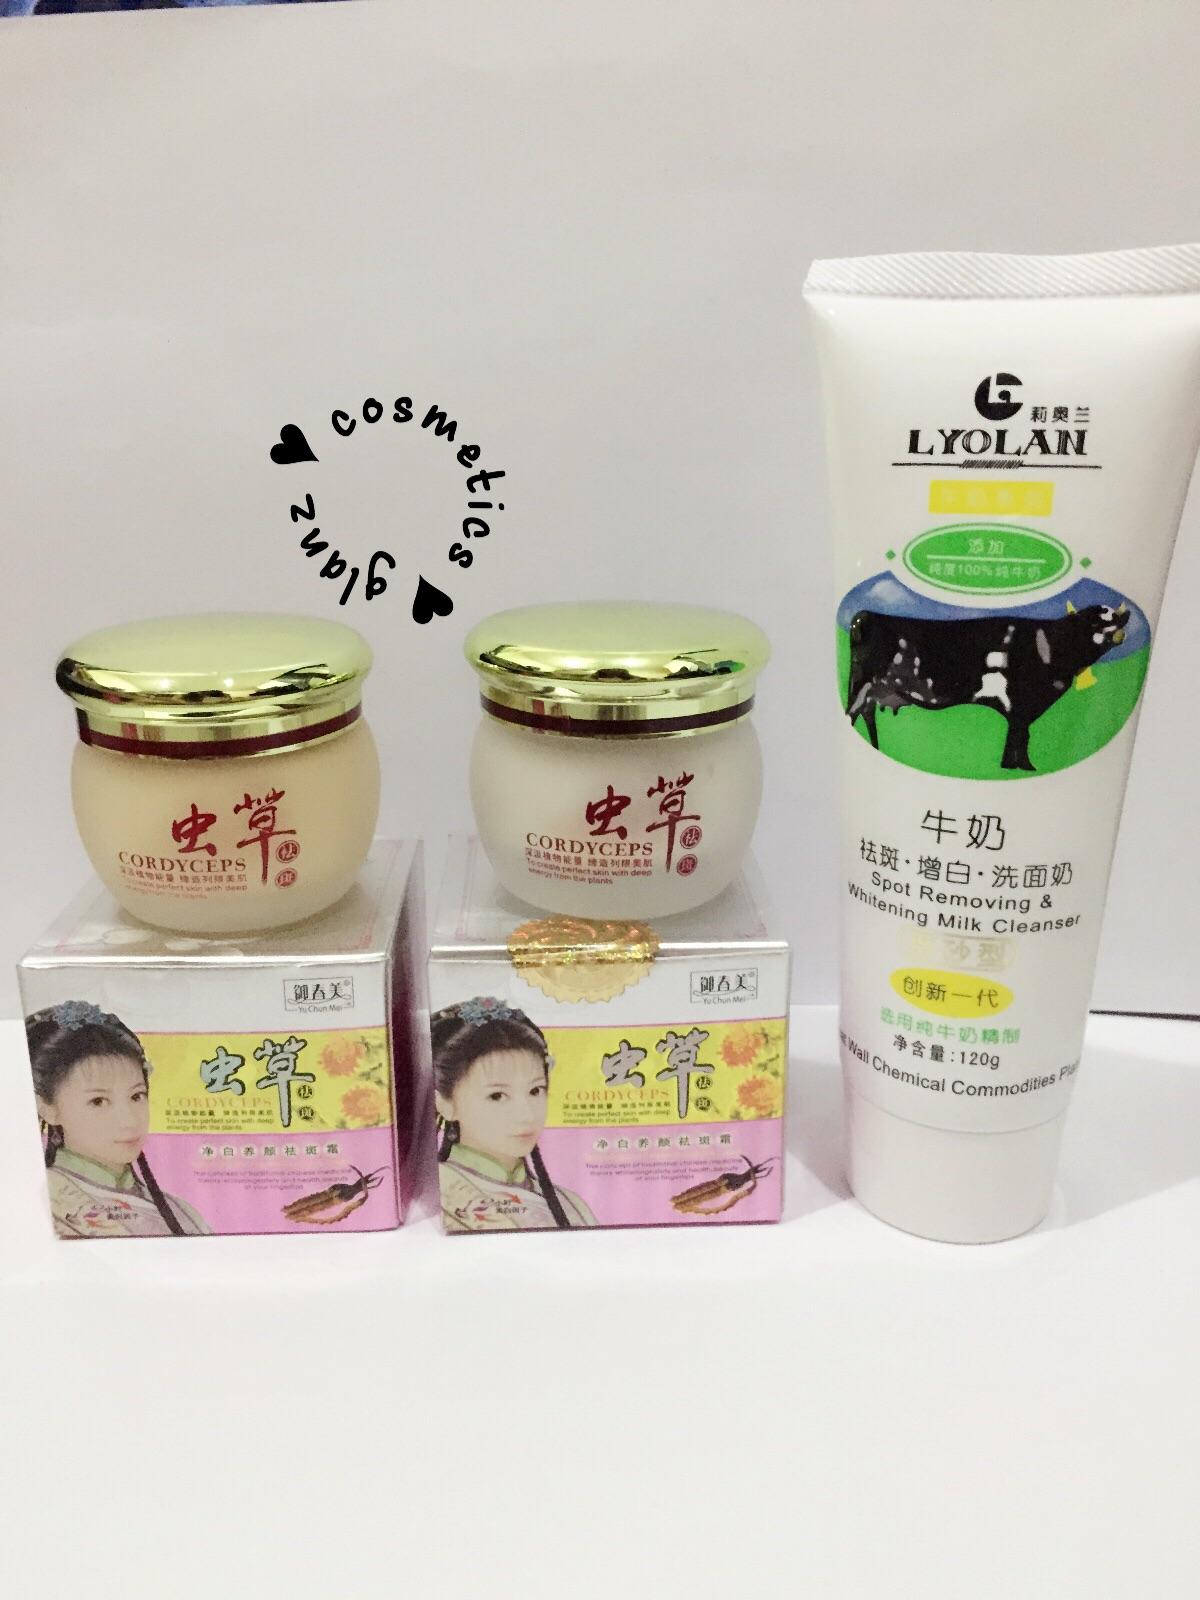 Anugerahkosmetikblogspotcoid Juli 2017 Ra Glow Paket Pengelupasan Cream Pemutih Wajah Isi 1 Terdiri Dari Siang 30 Gr 2 Malam 3 Sabun 100gr